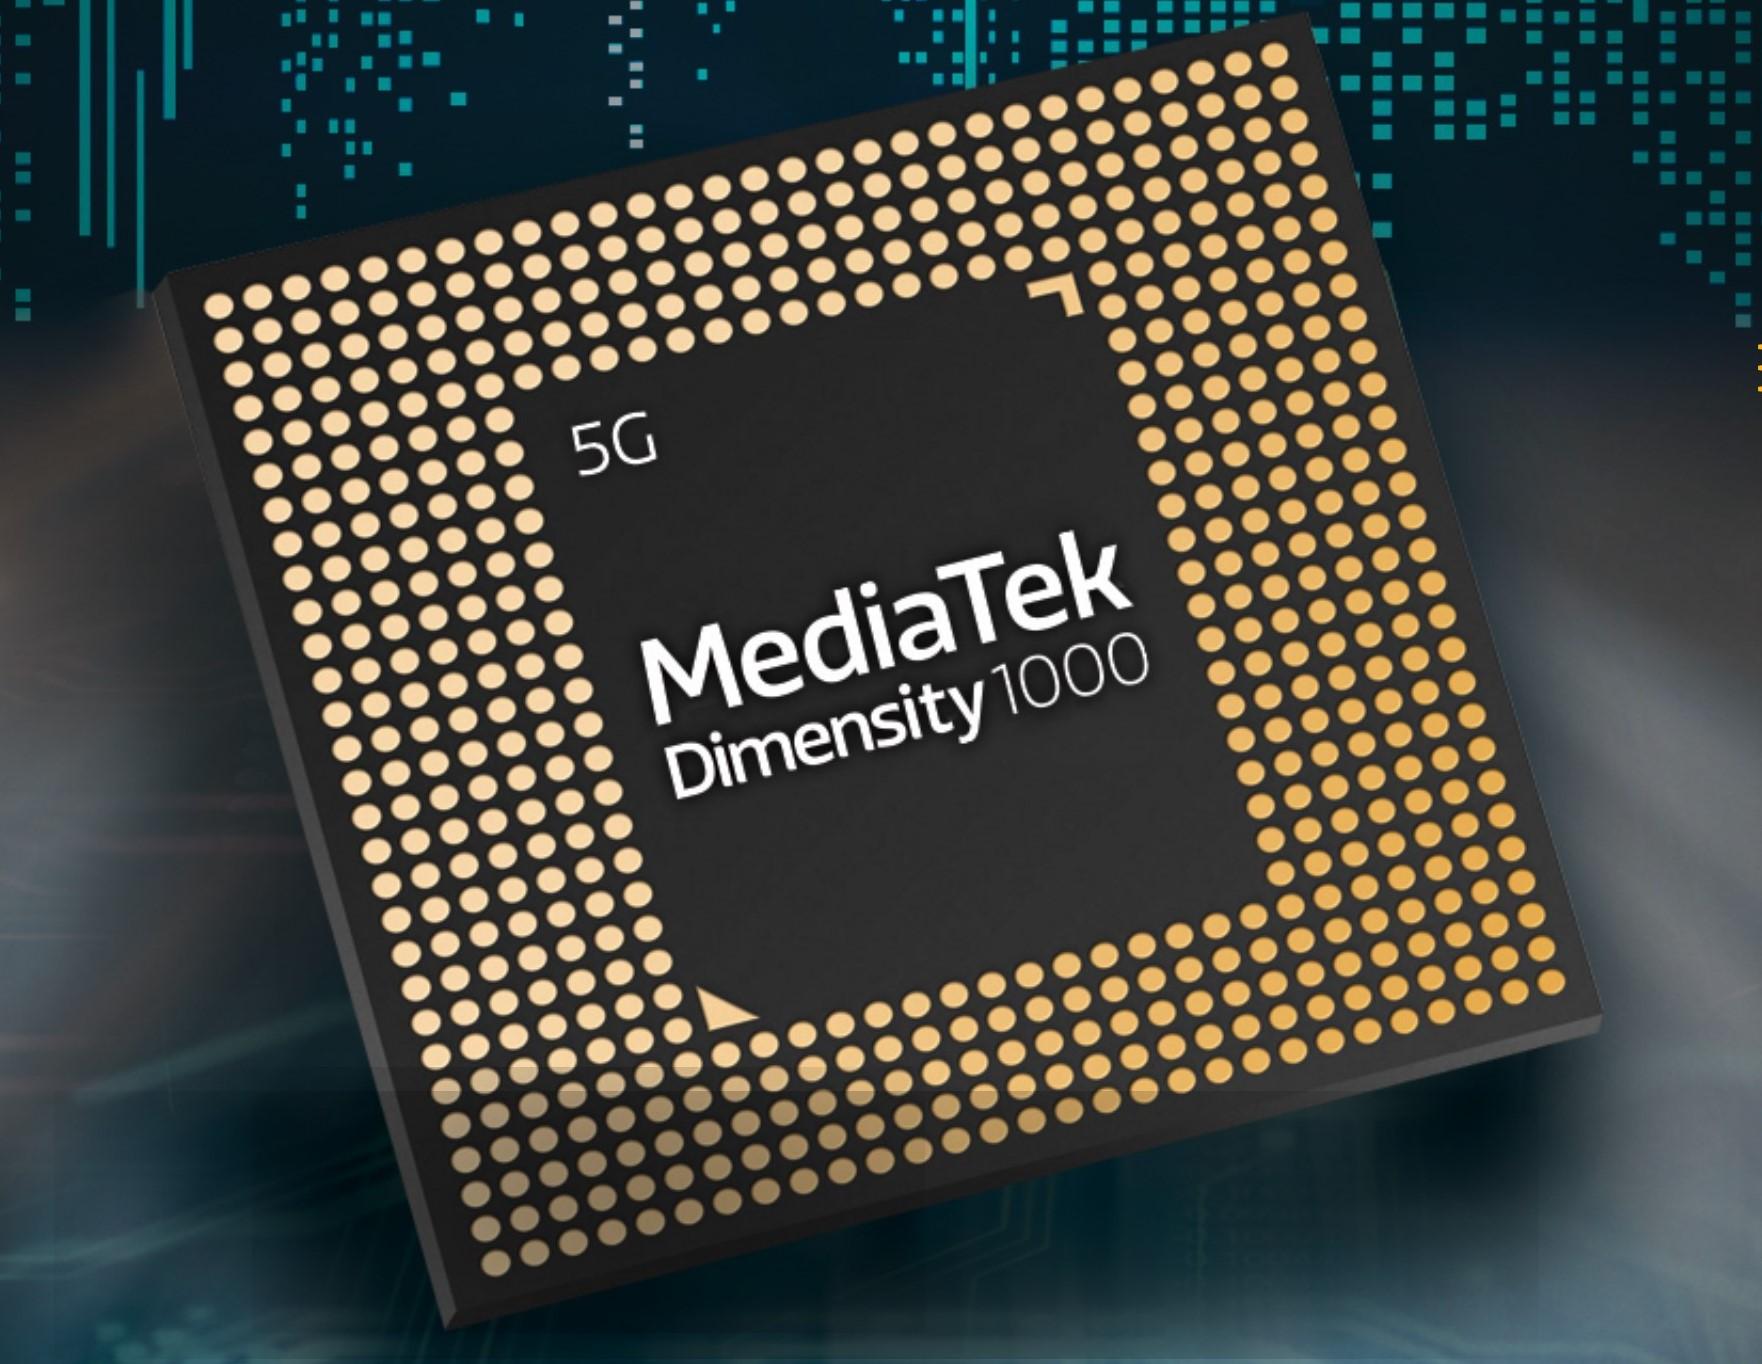 Nowy MediaTek Dimensity 1000C zadebiutuje na pokładzie... LG Velvet 17 MediaTek Dimensity 1000C